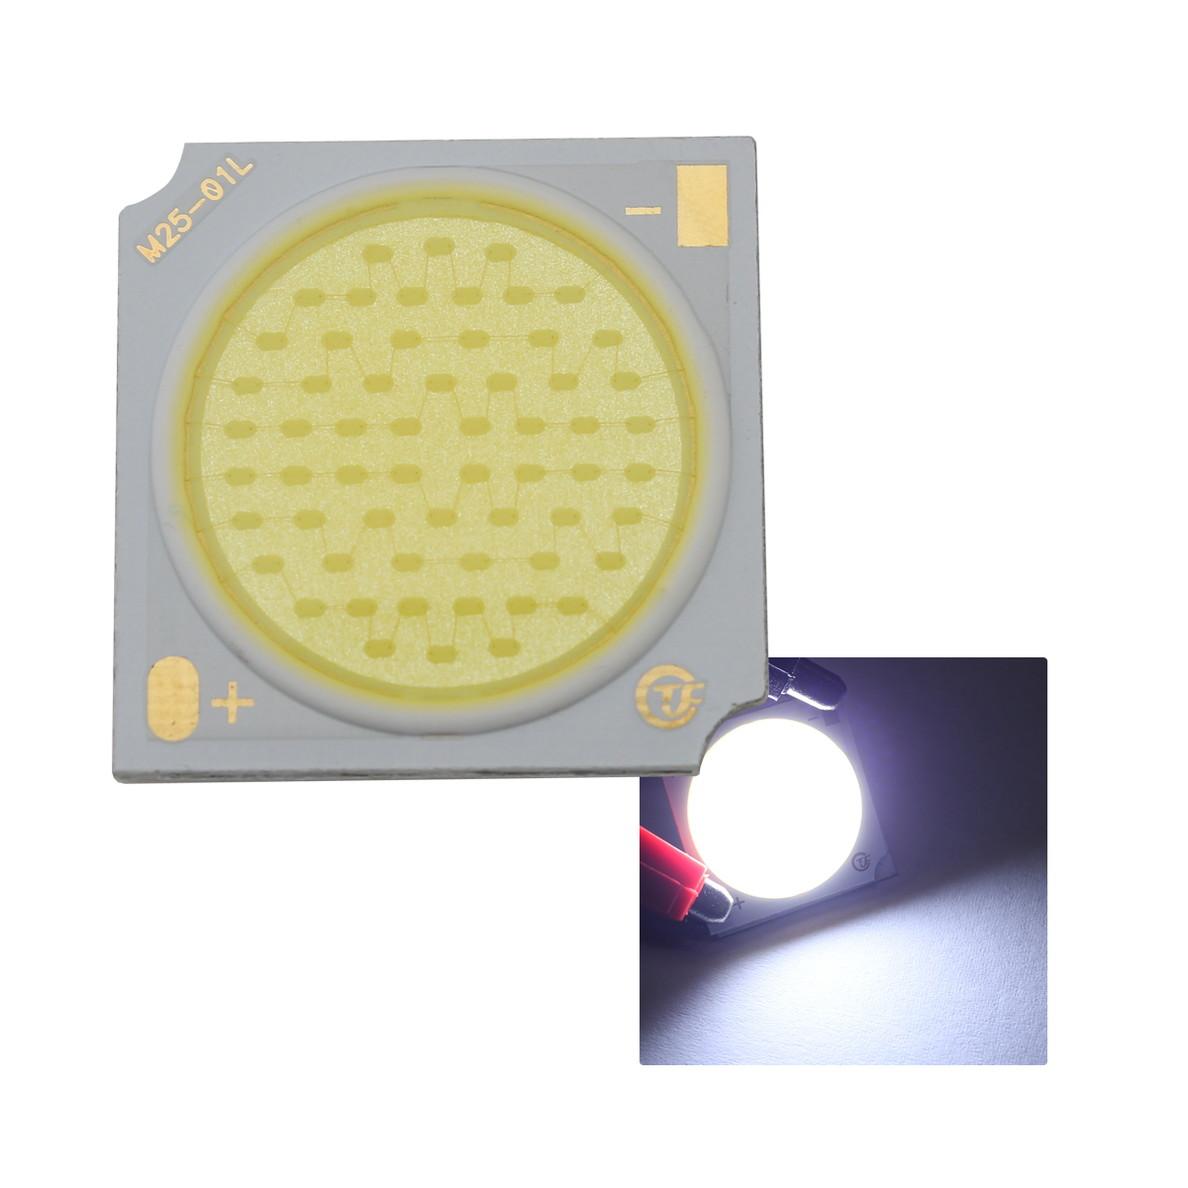 8581(1個) COB ショーケース用 LED (鮮魚向け) 1919 (30W) 9000-12000K 110-120LM/W 30-34V 960mA 90Ra